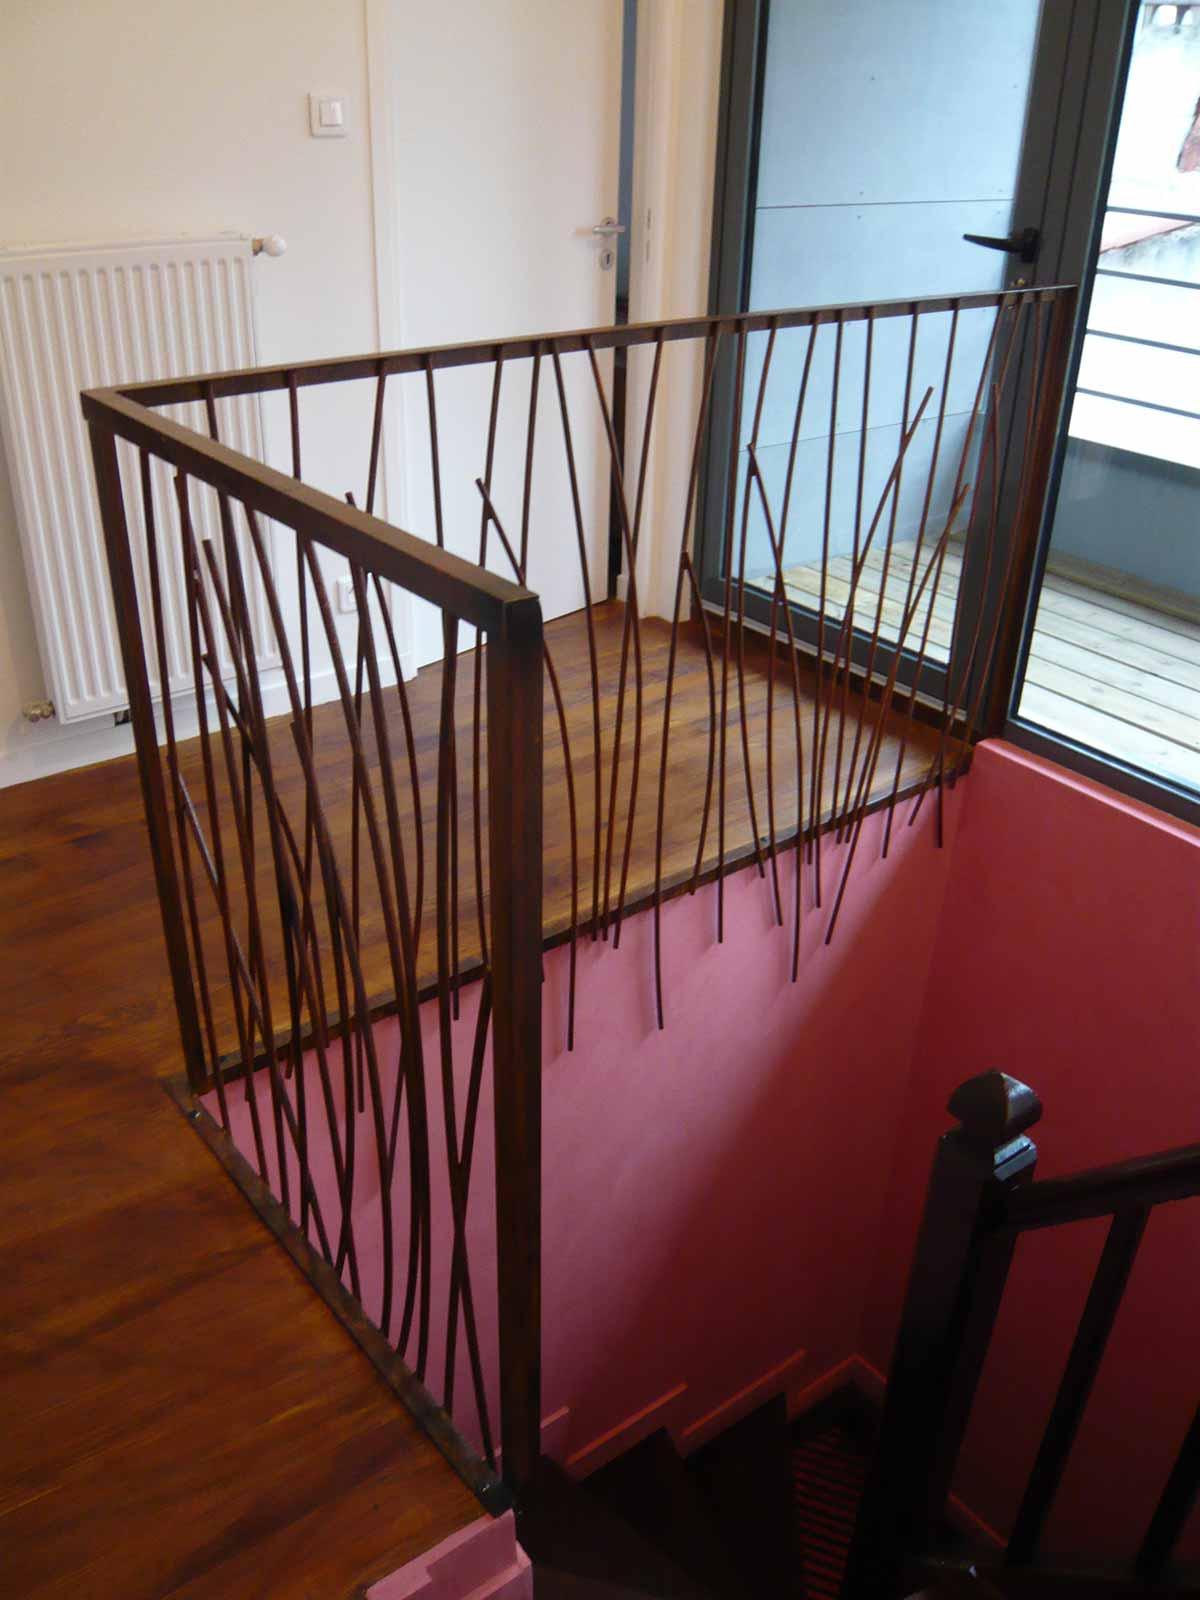 Escalier surrélévation maison DD Clermont Ferrand